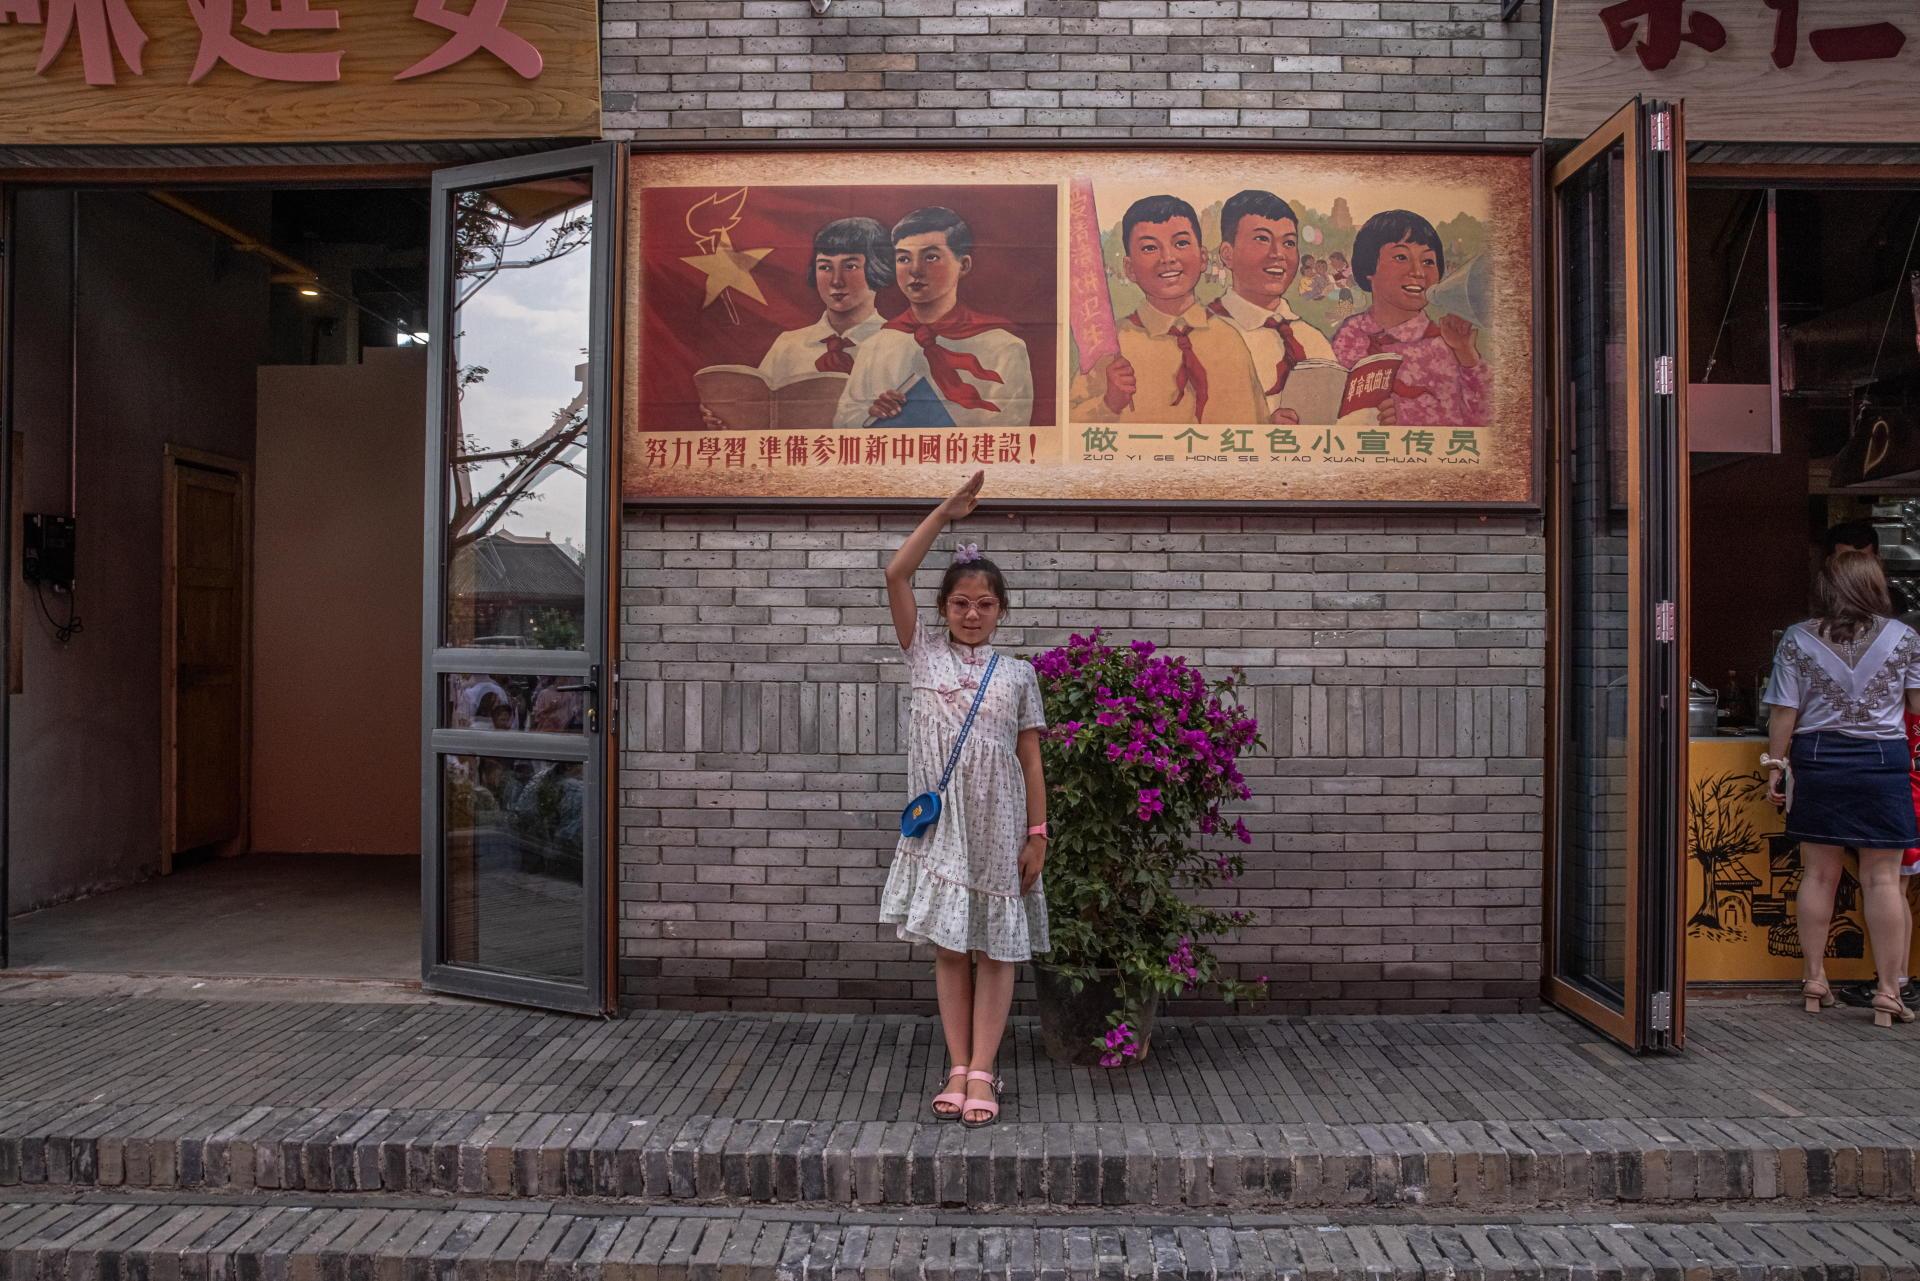 Inauguration d'une ruepiétonne, à Yan'an (province du Shaanxi) en Chine, le 12 juin 2021.Cette ville, berceau révolutionnaire du Parti communiste chinois, est devenue l'un des hauts lieux du «tourisme rouge.»